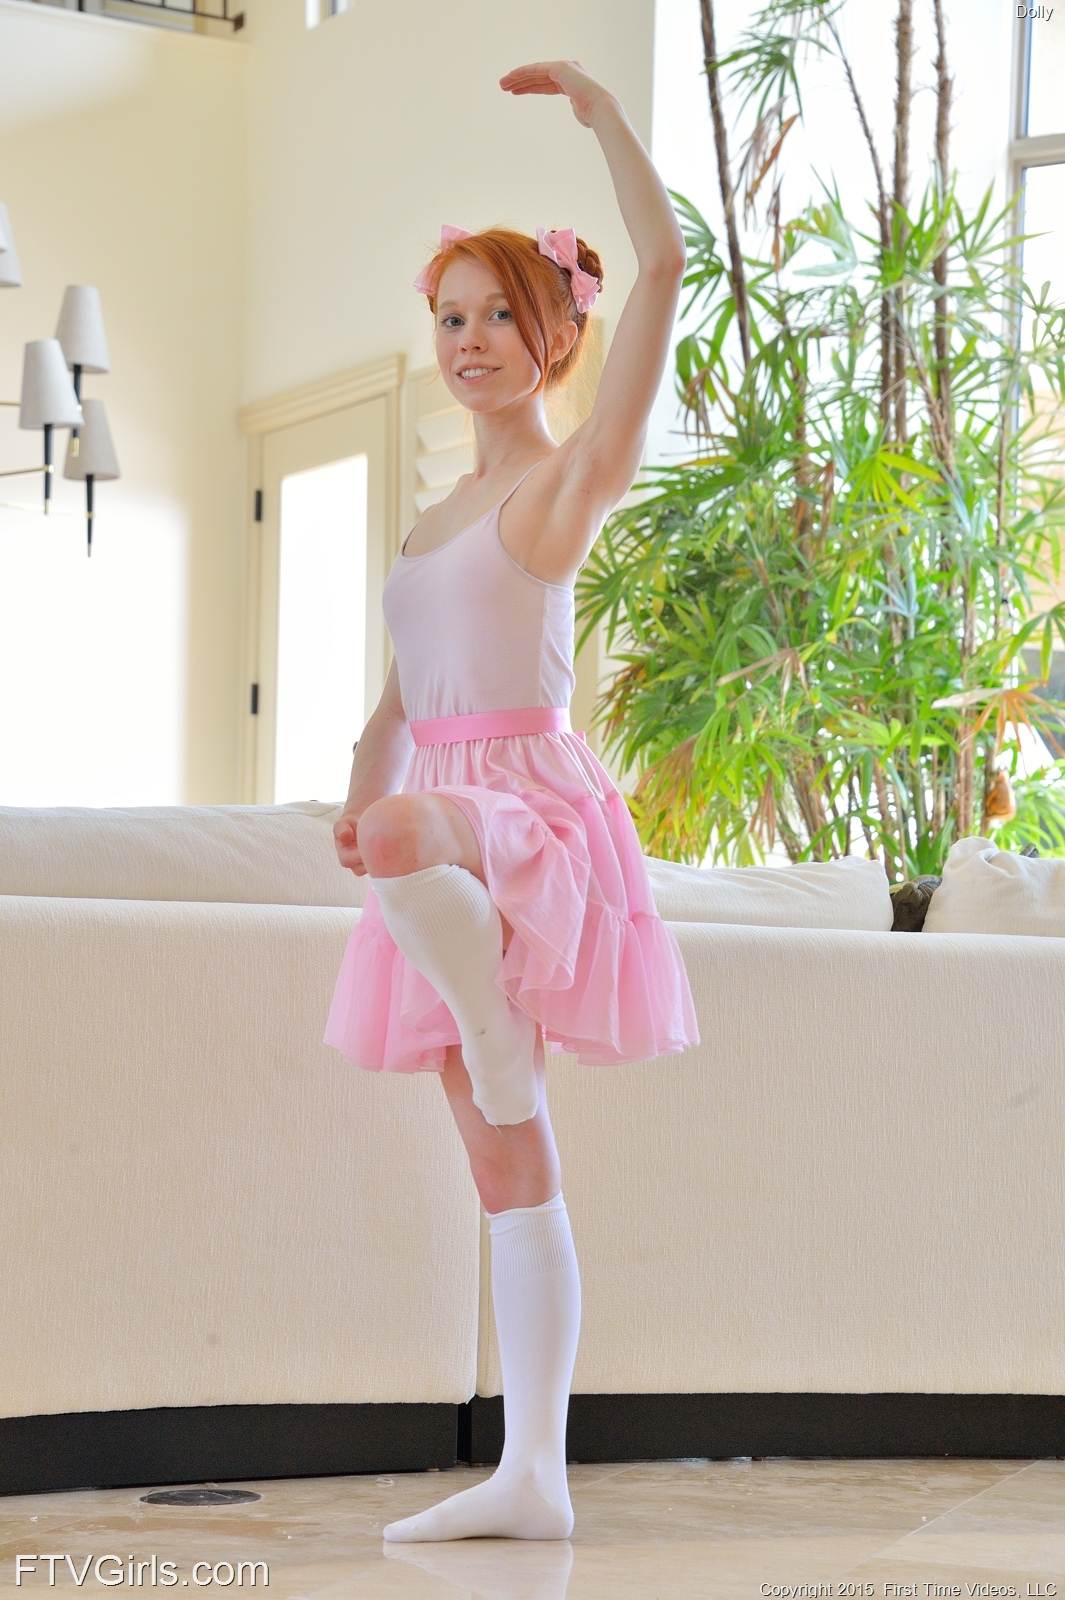 dolly-ballerina-redhead-nude-ftvgirls-04